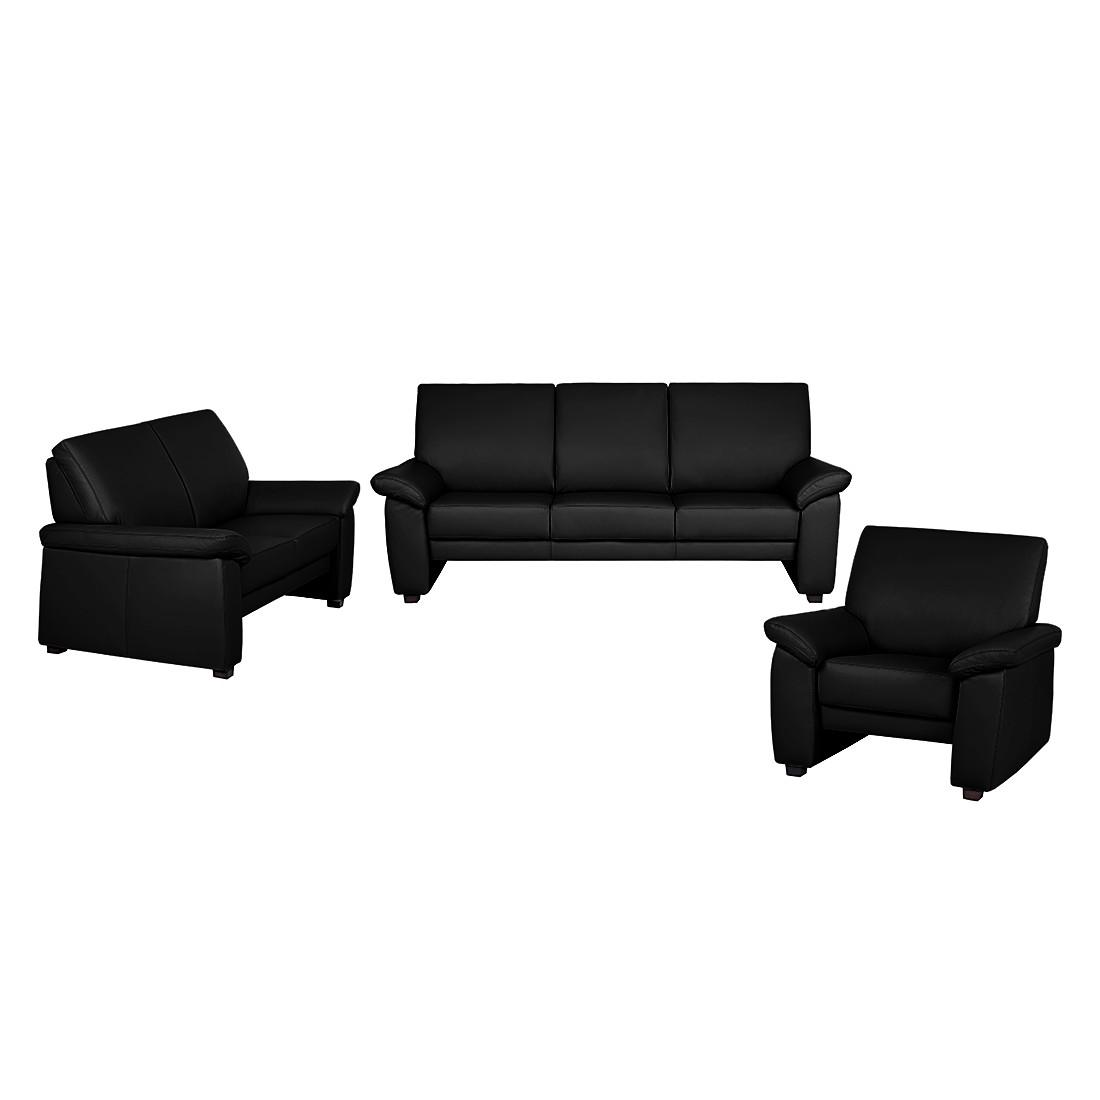 goedkoop Bankenset Grimsby 3zitsbank 2zitsbank en fauteuil zwart echt leer Nuovoform